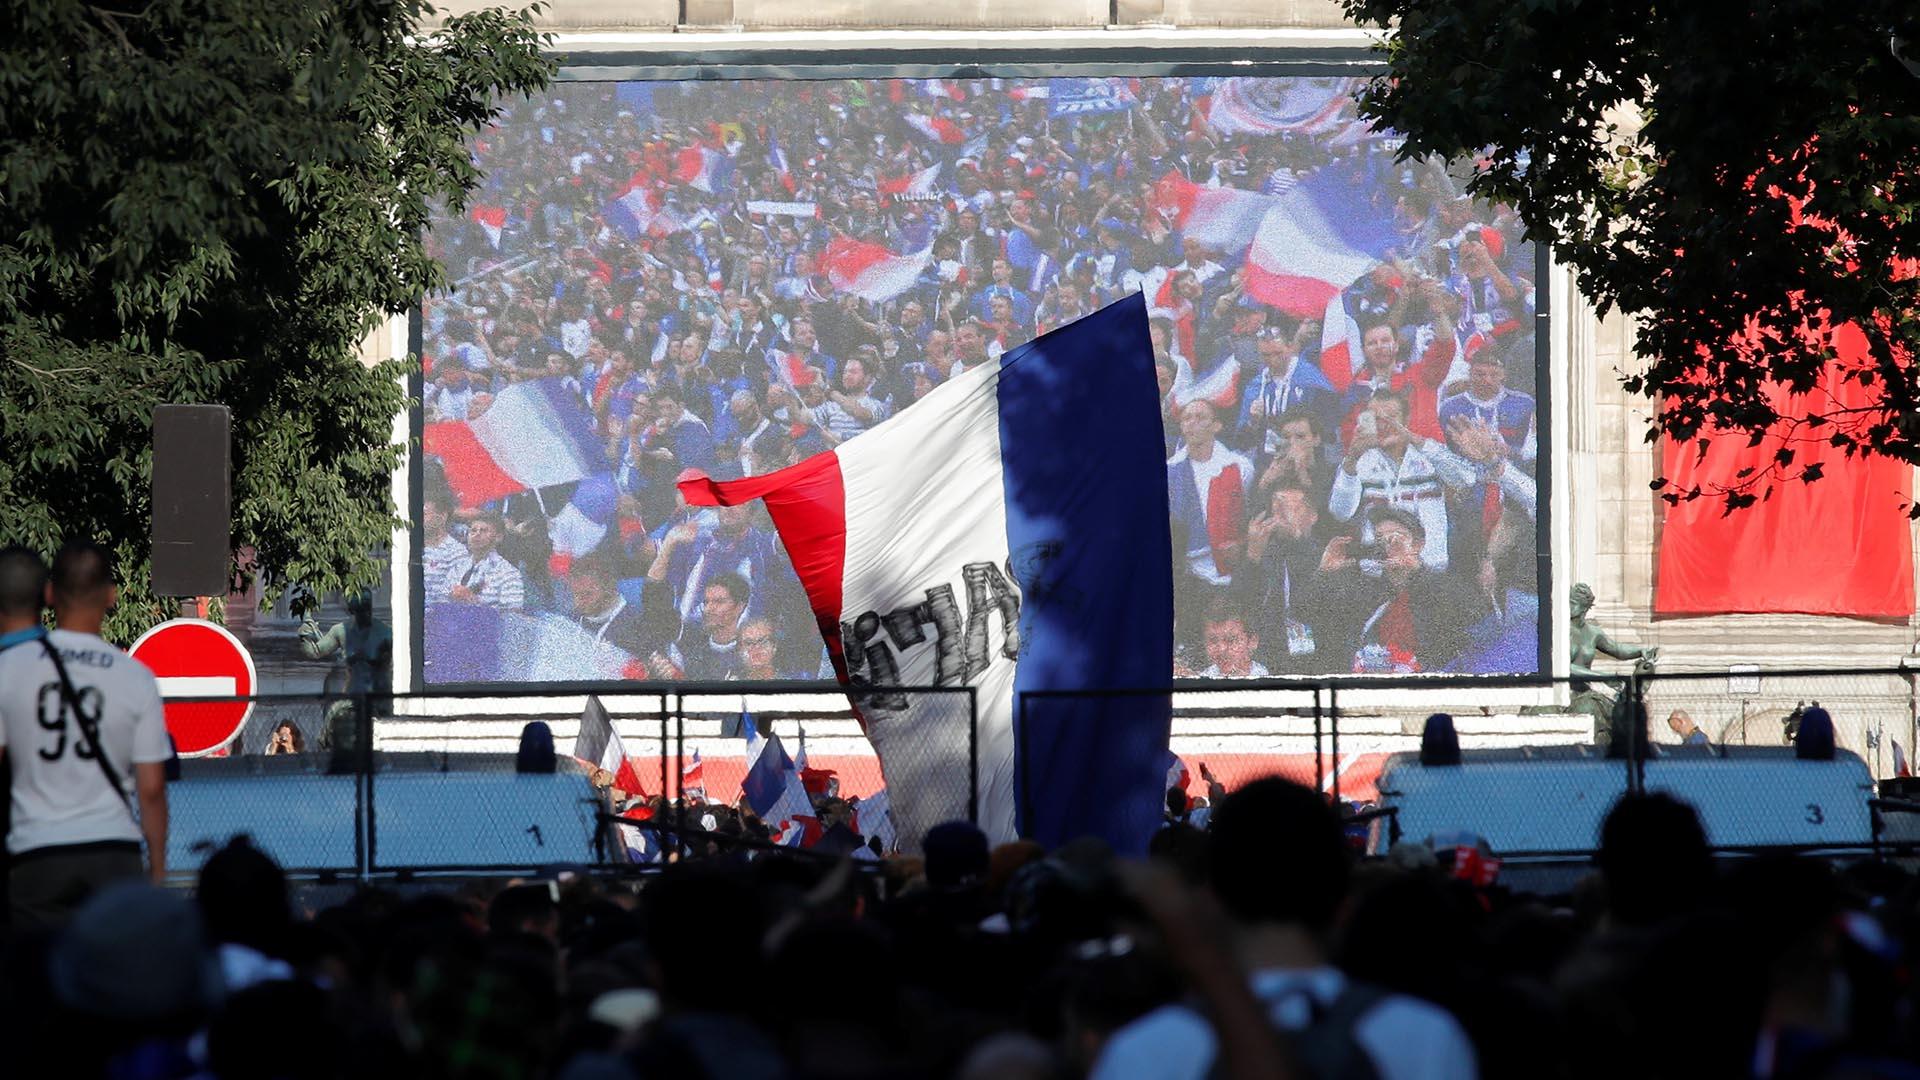 Tras la consagración de 1998 y la desilusión de 2006, Francia tendrá la oportunidad de bordar su segunda estrella ante Croacia o Inglaterra